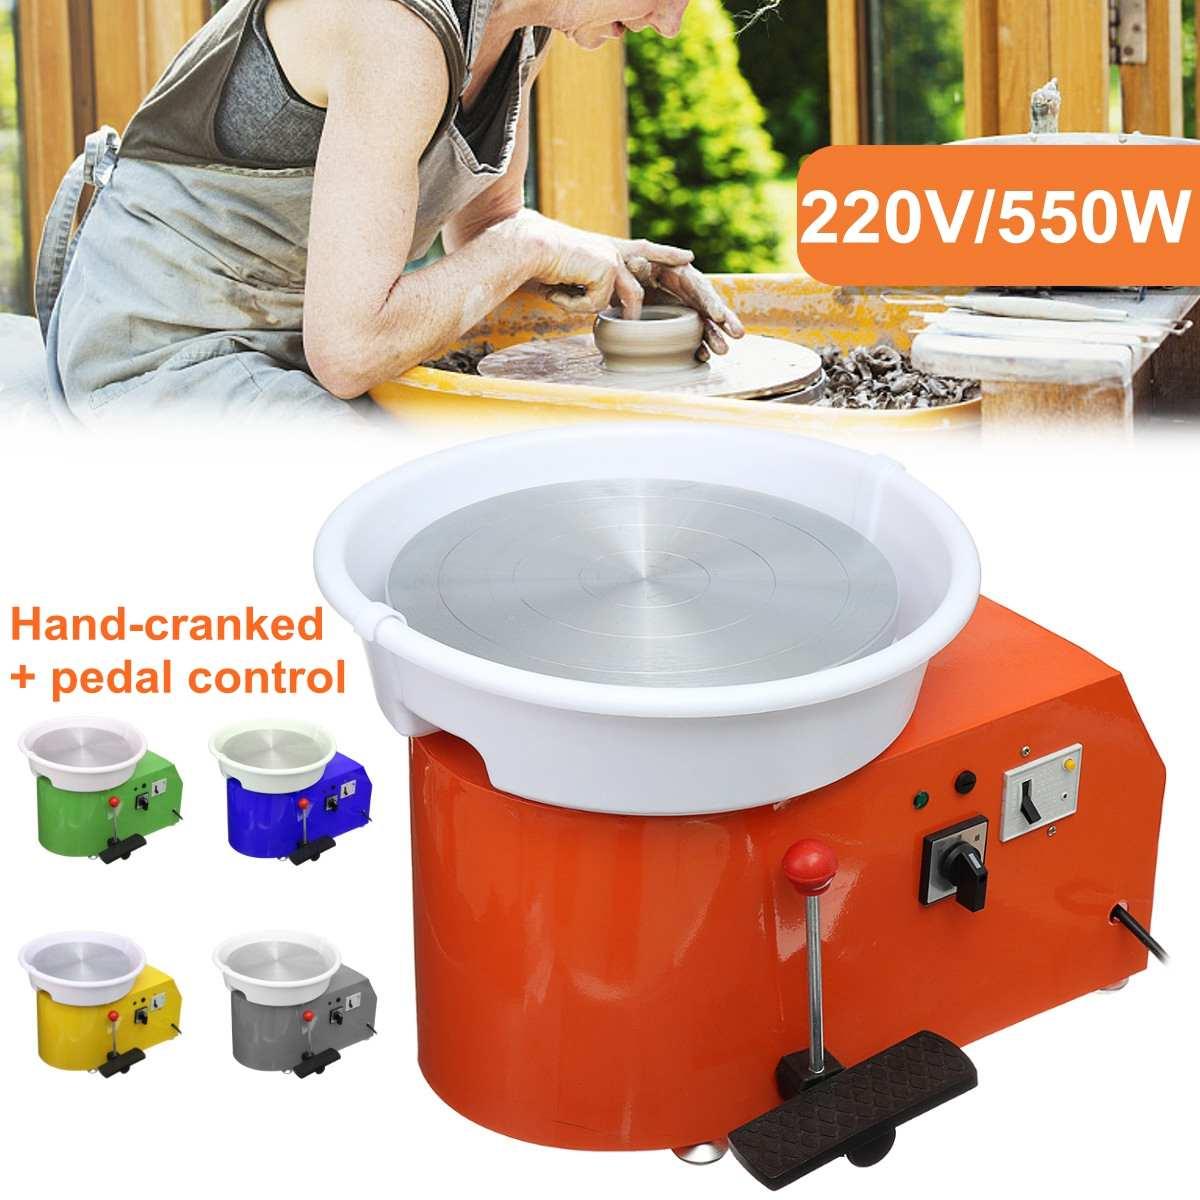 Girando Roda Da Cerâmica Cerâmica Máquina Elétrica 220 V 550 W 300 milímetros De Cerâmica De Barro Potter Kit Para O Trabalho Em Cerâmica Cerâmica